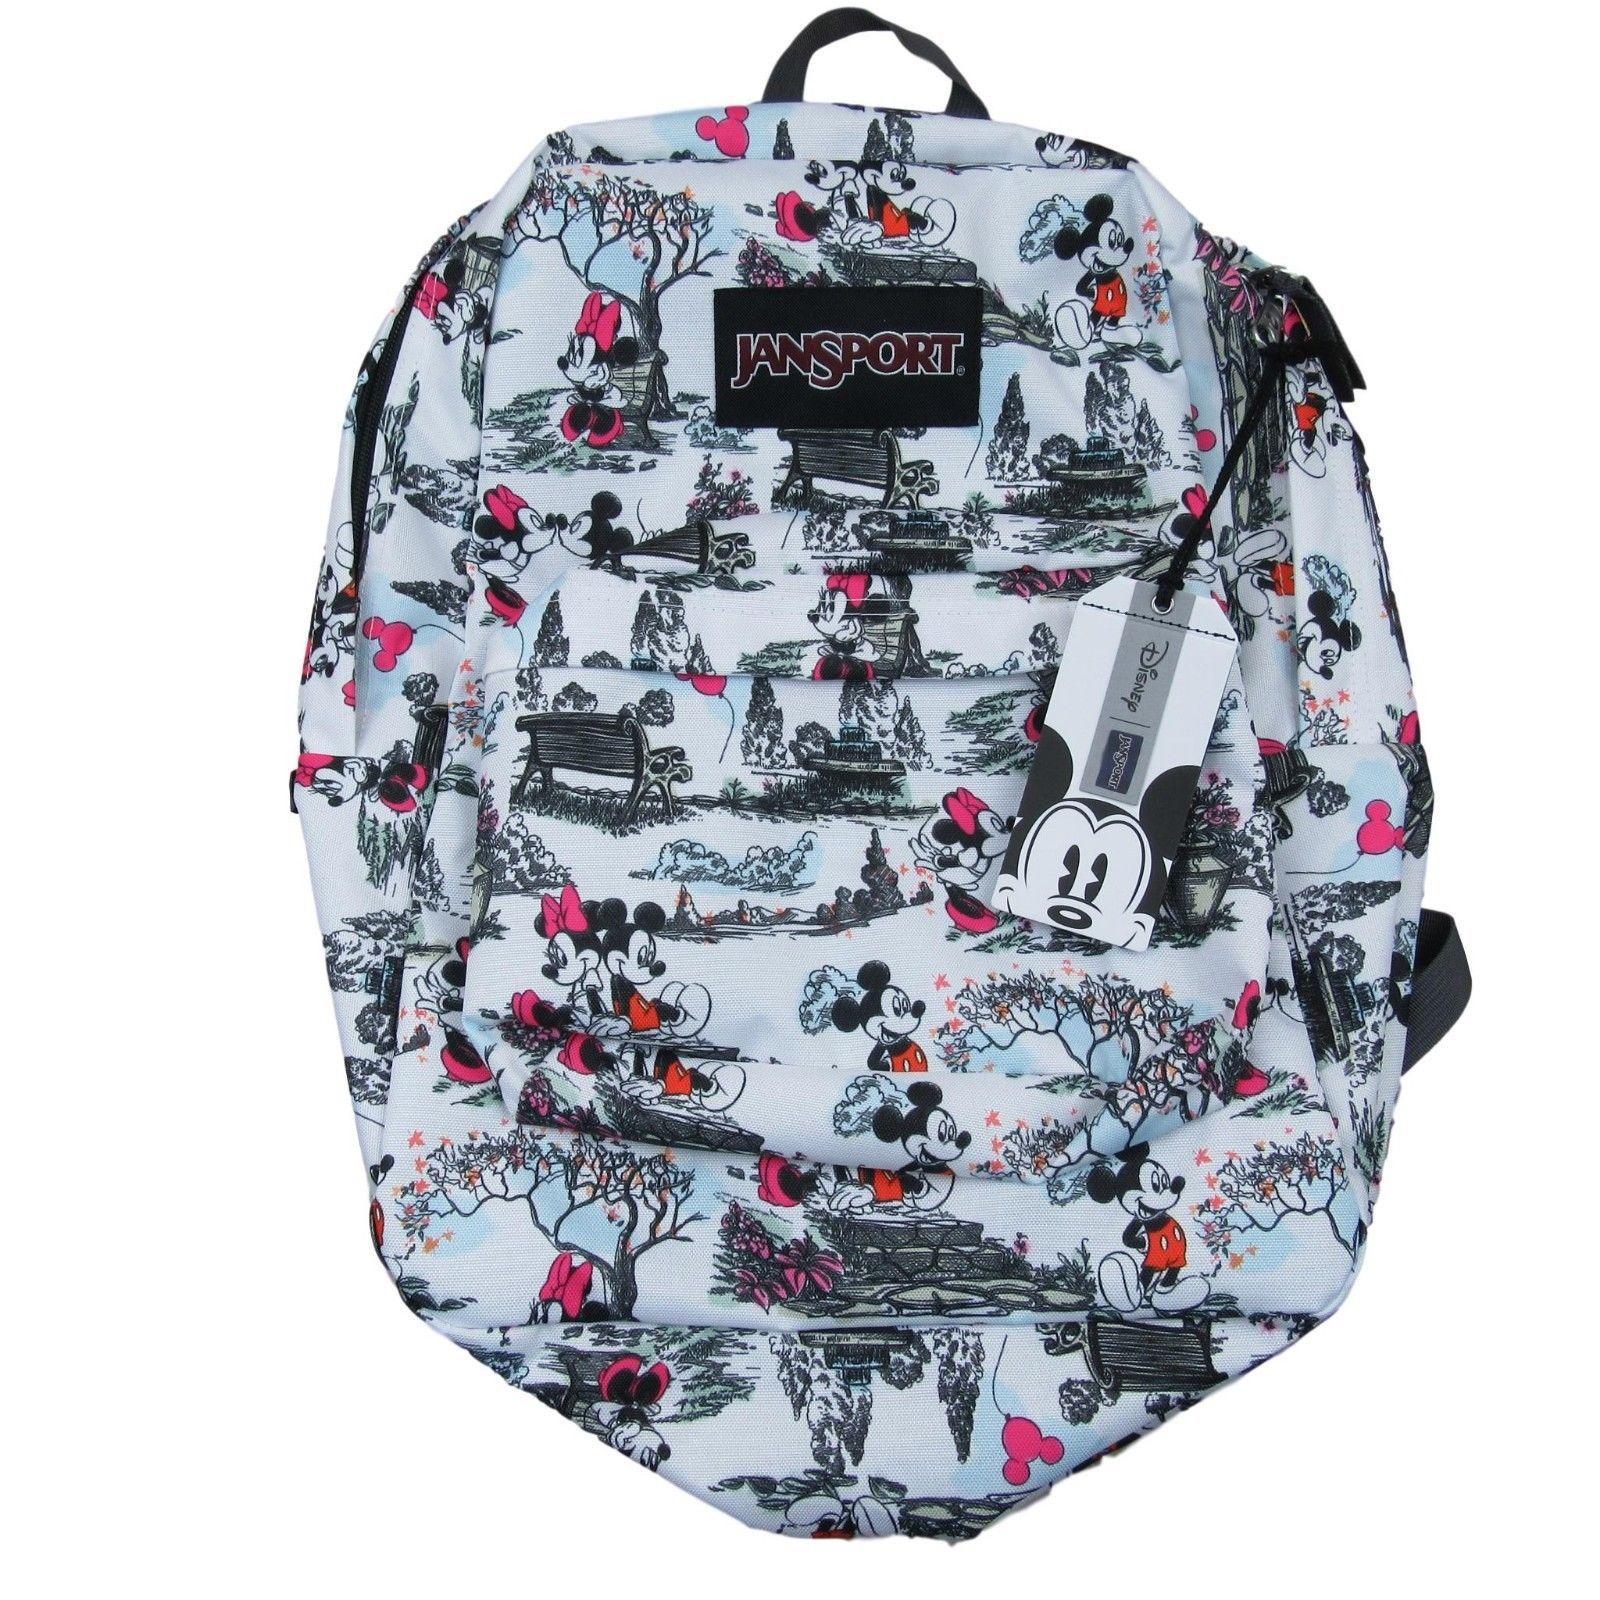 2cab6e71d90 Jansport Disney Superbreak Backpack Day In The Park